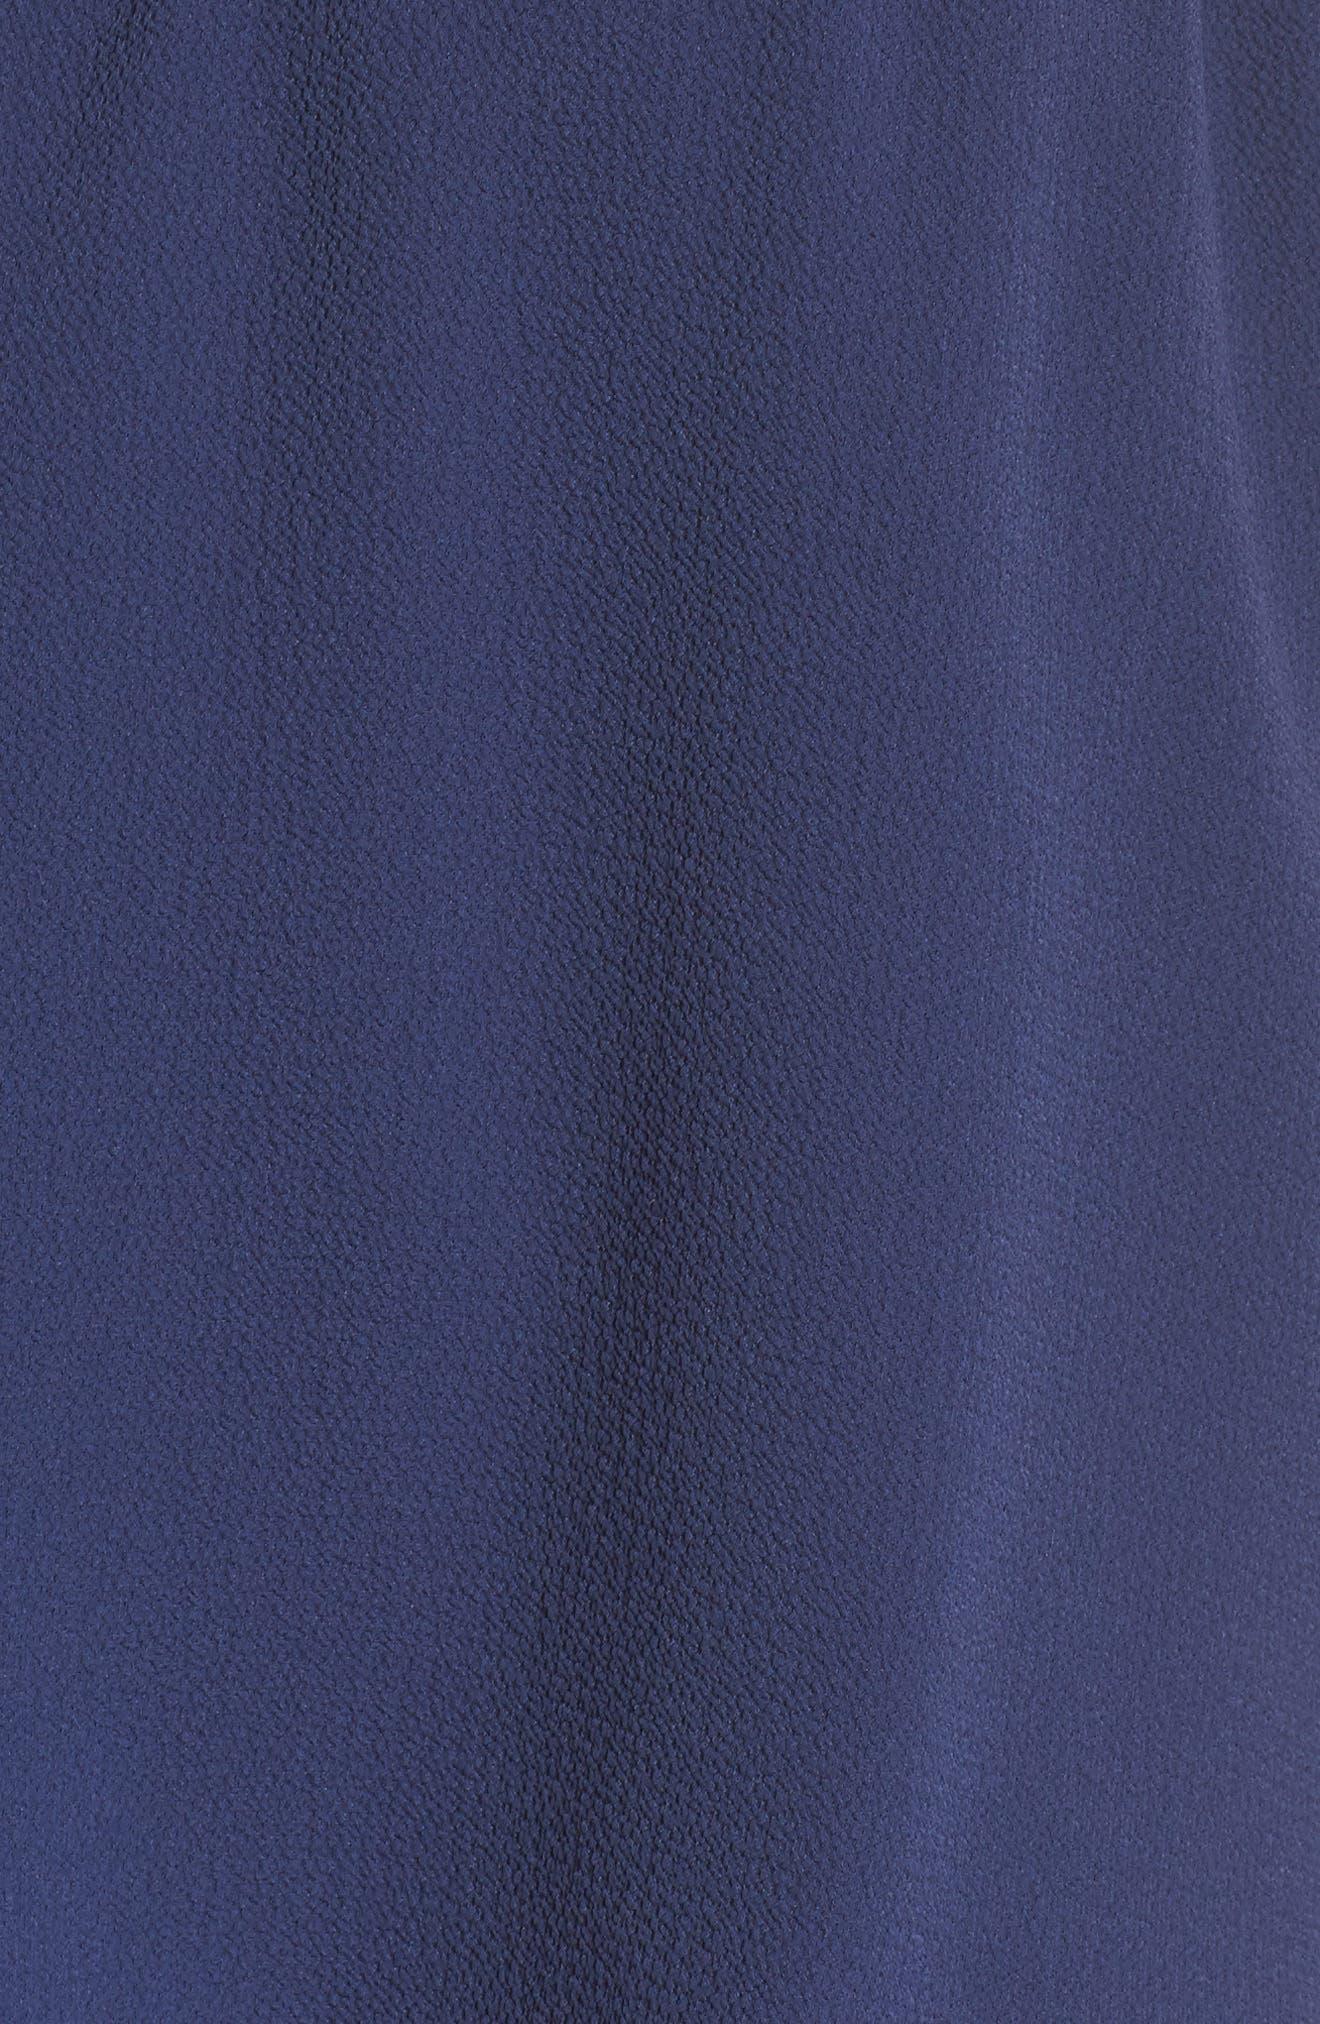 Strapless Popover Shift Dress,                             Alternate thumbnail 6, color,                             413